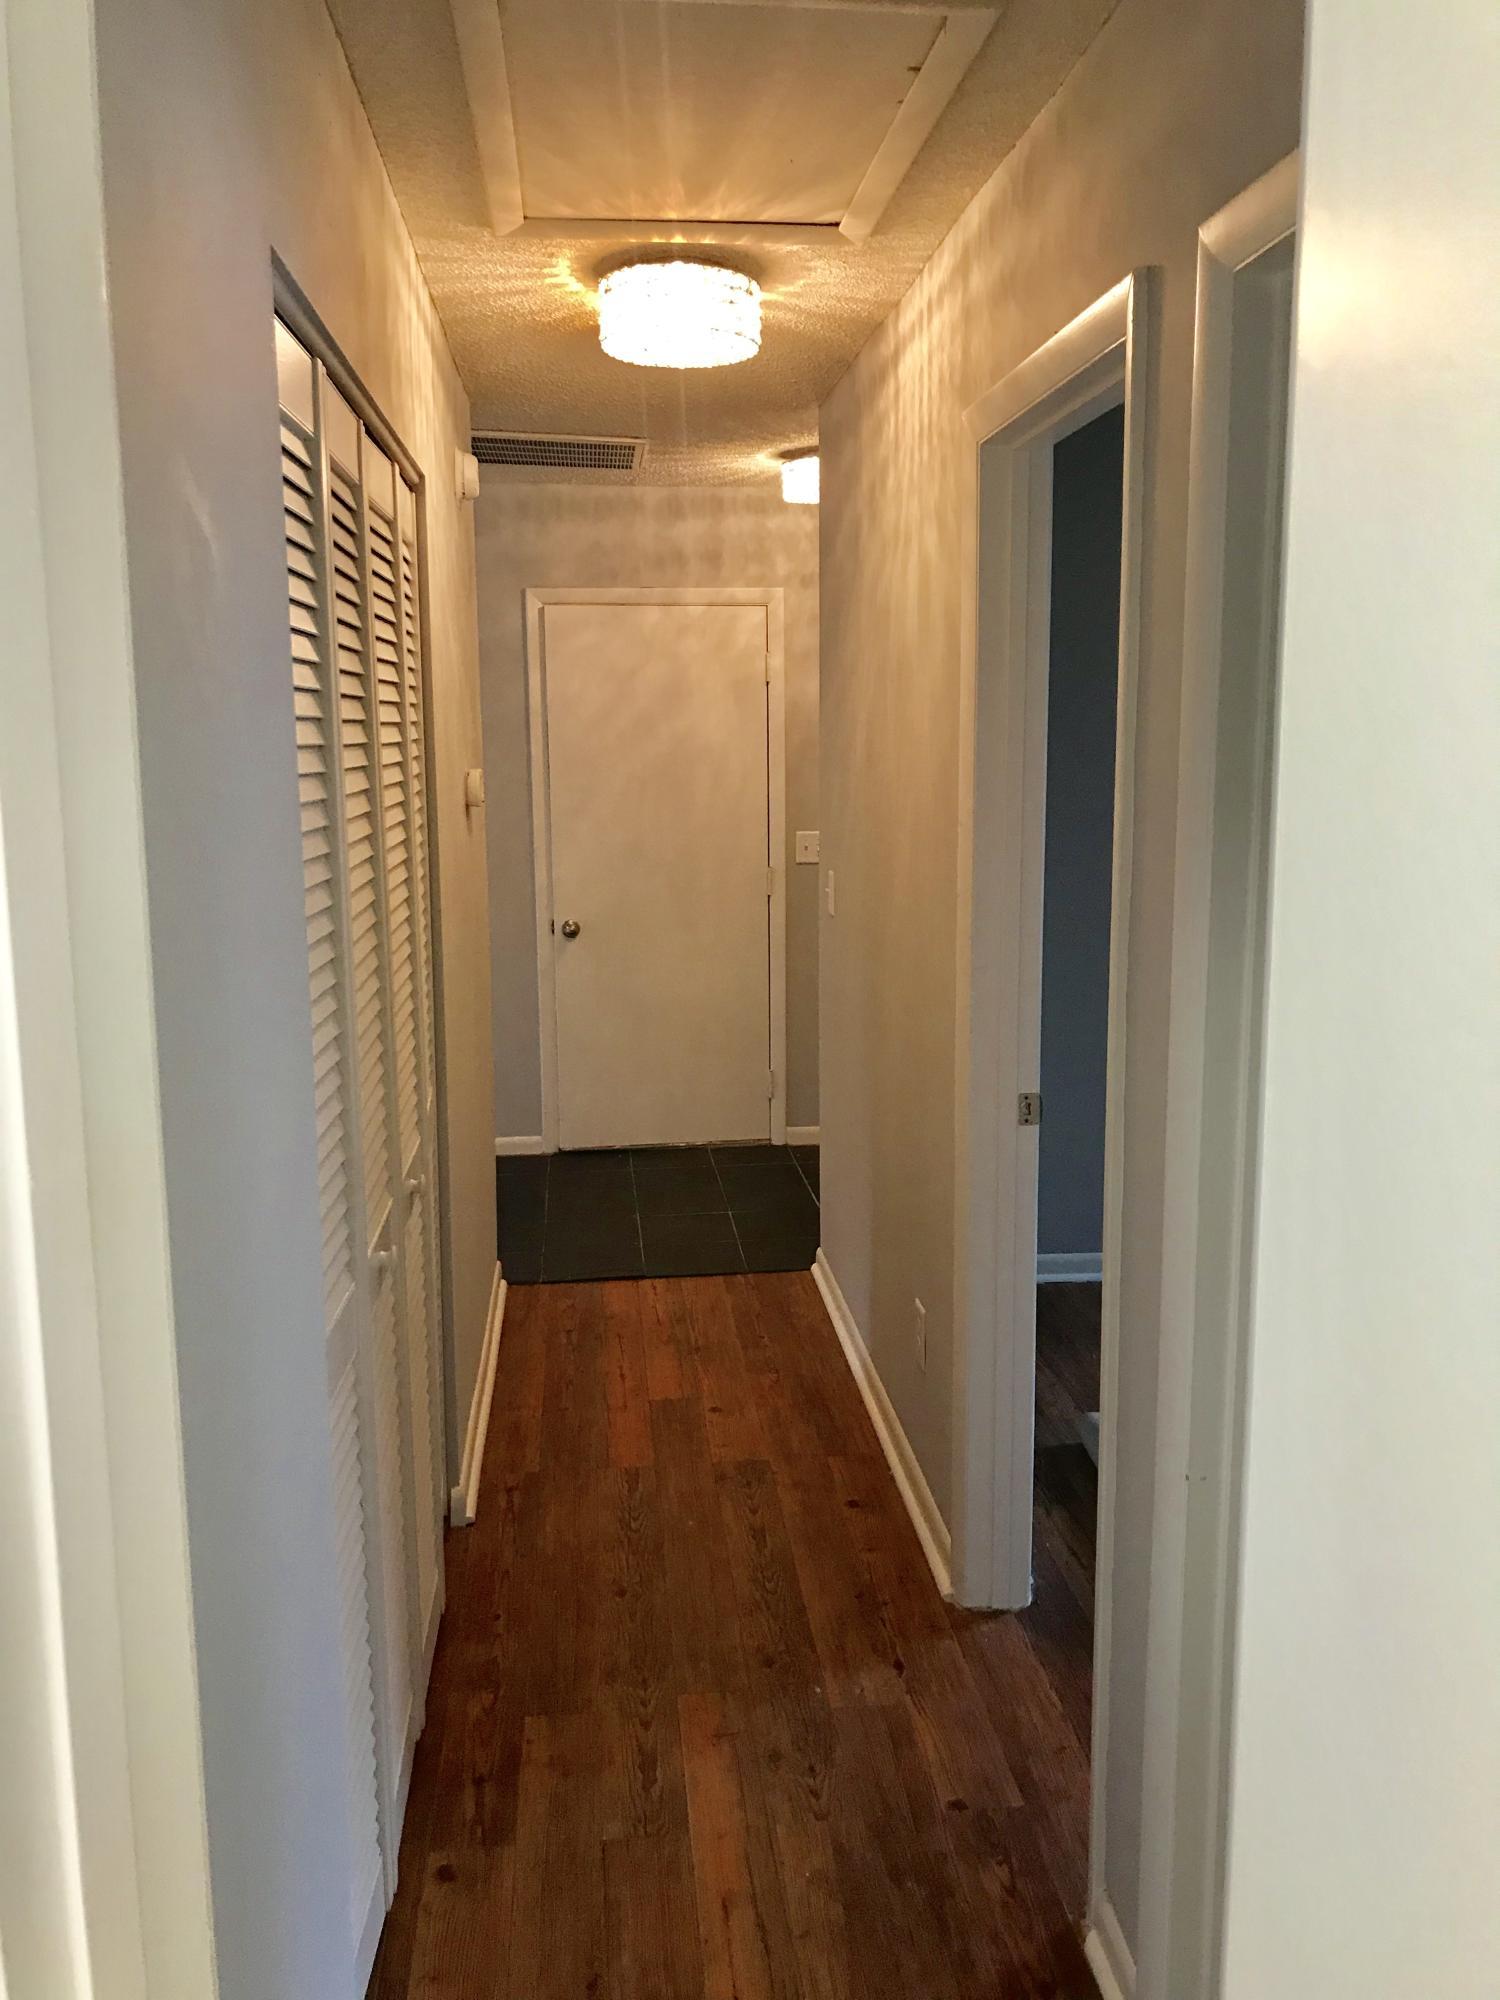 Willow Walk Homes For Sale - 1102 Oakcrest, Charleston, SC - 8